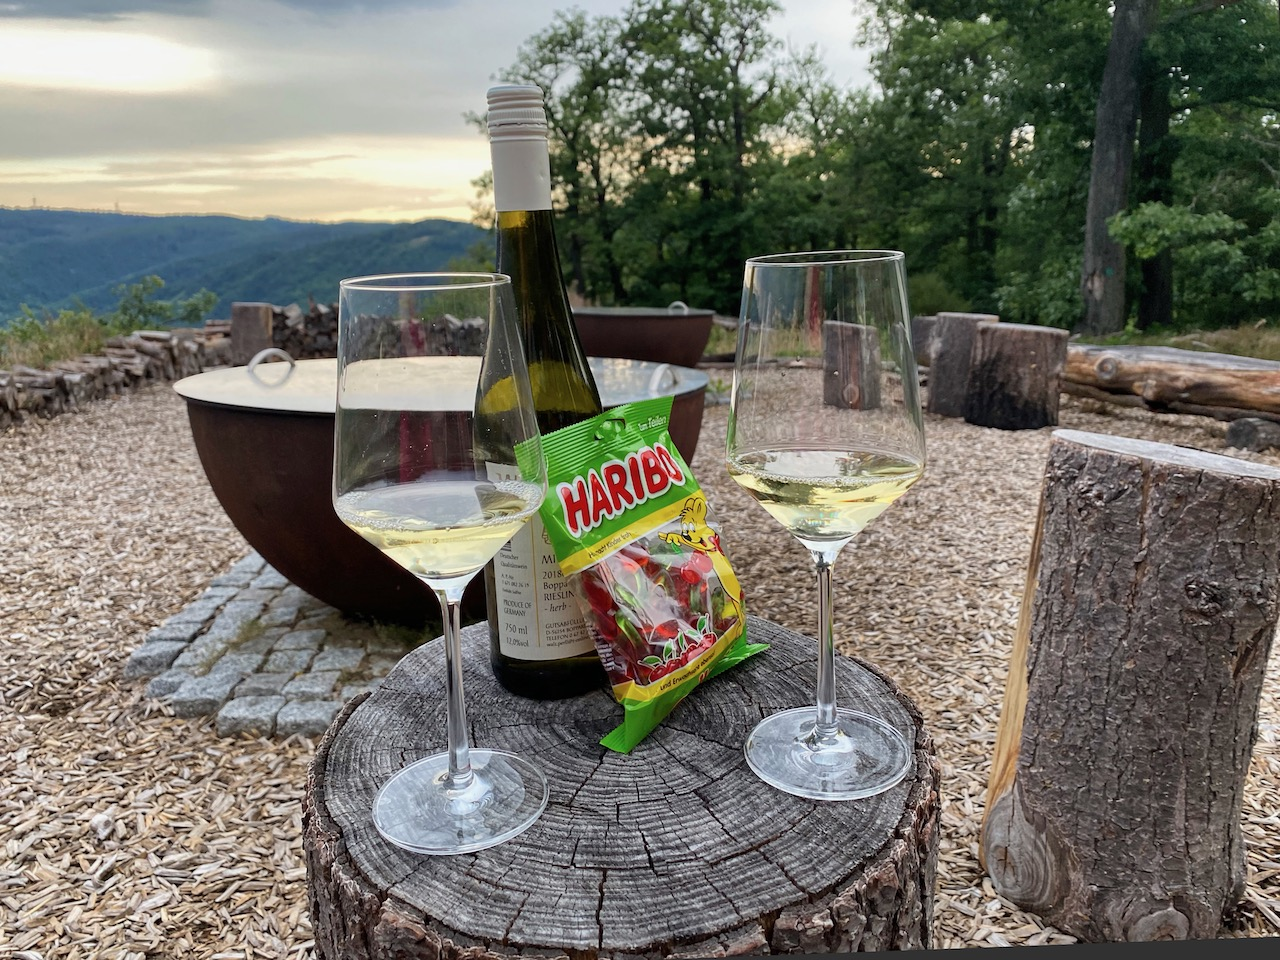 Ein Auszeit-Wochenende in Boppard - Erlebnisse auf dem Jakobsberg